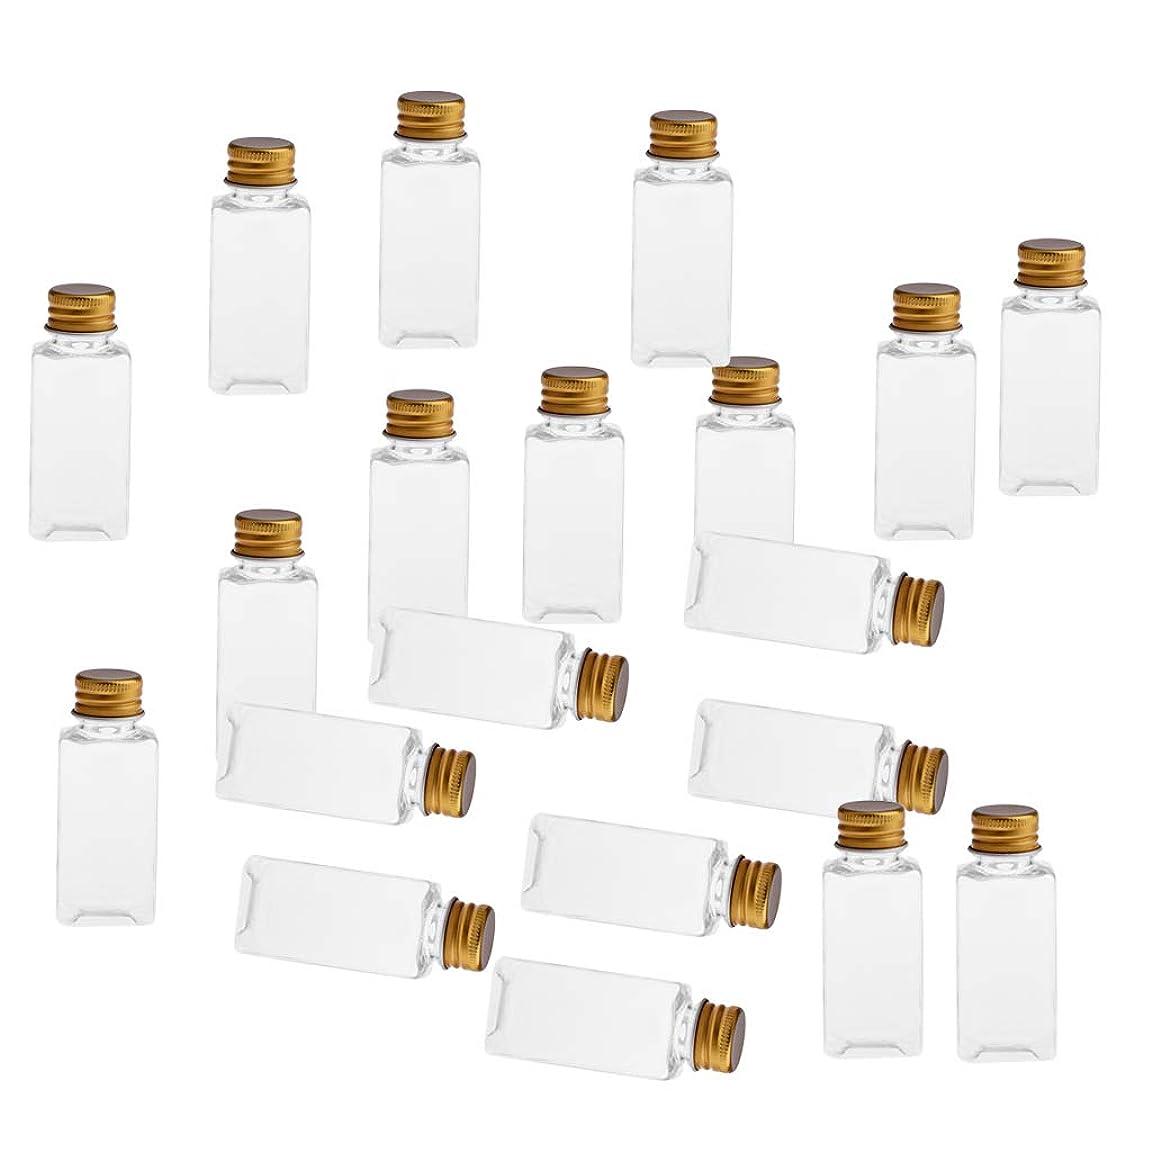 座る他の日アテンダントSM SunniMix 全8色 PETボトル 空のボトル 小分け用 化粧品 香水 エッセンシャルオイル 漏れ防止 約20個 - クリアゴールド